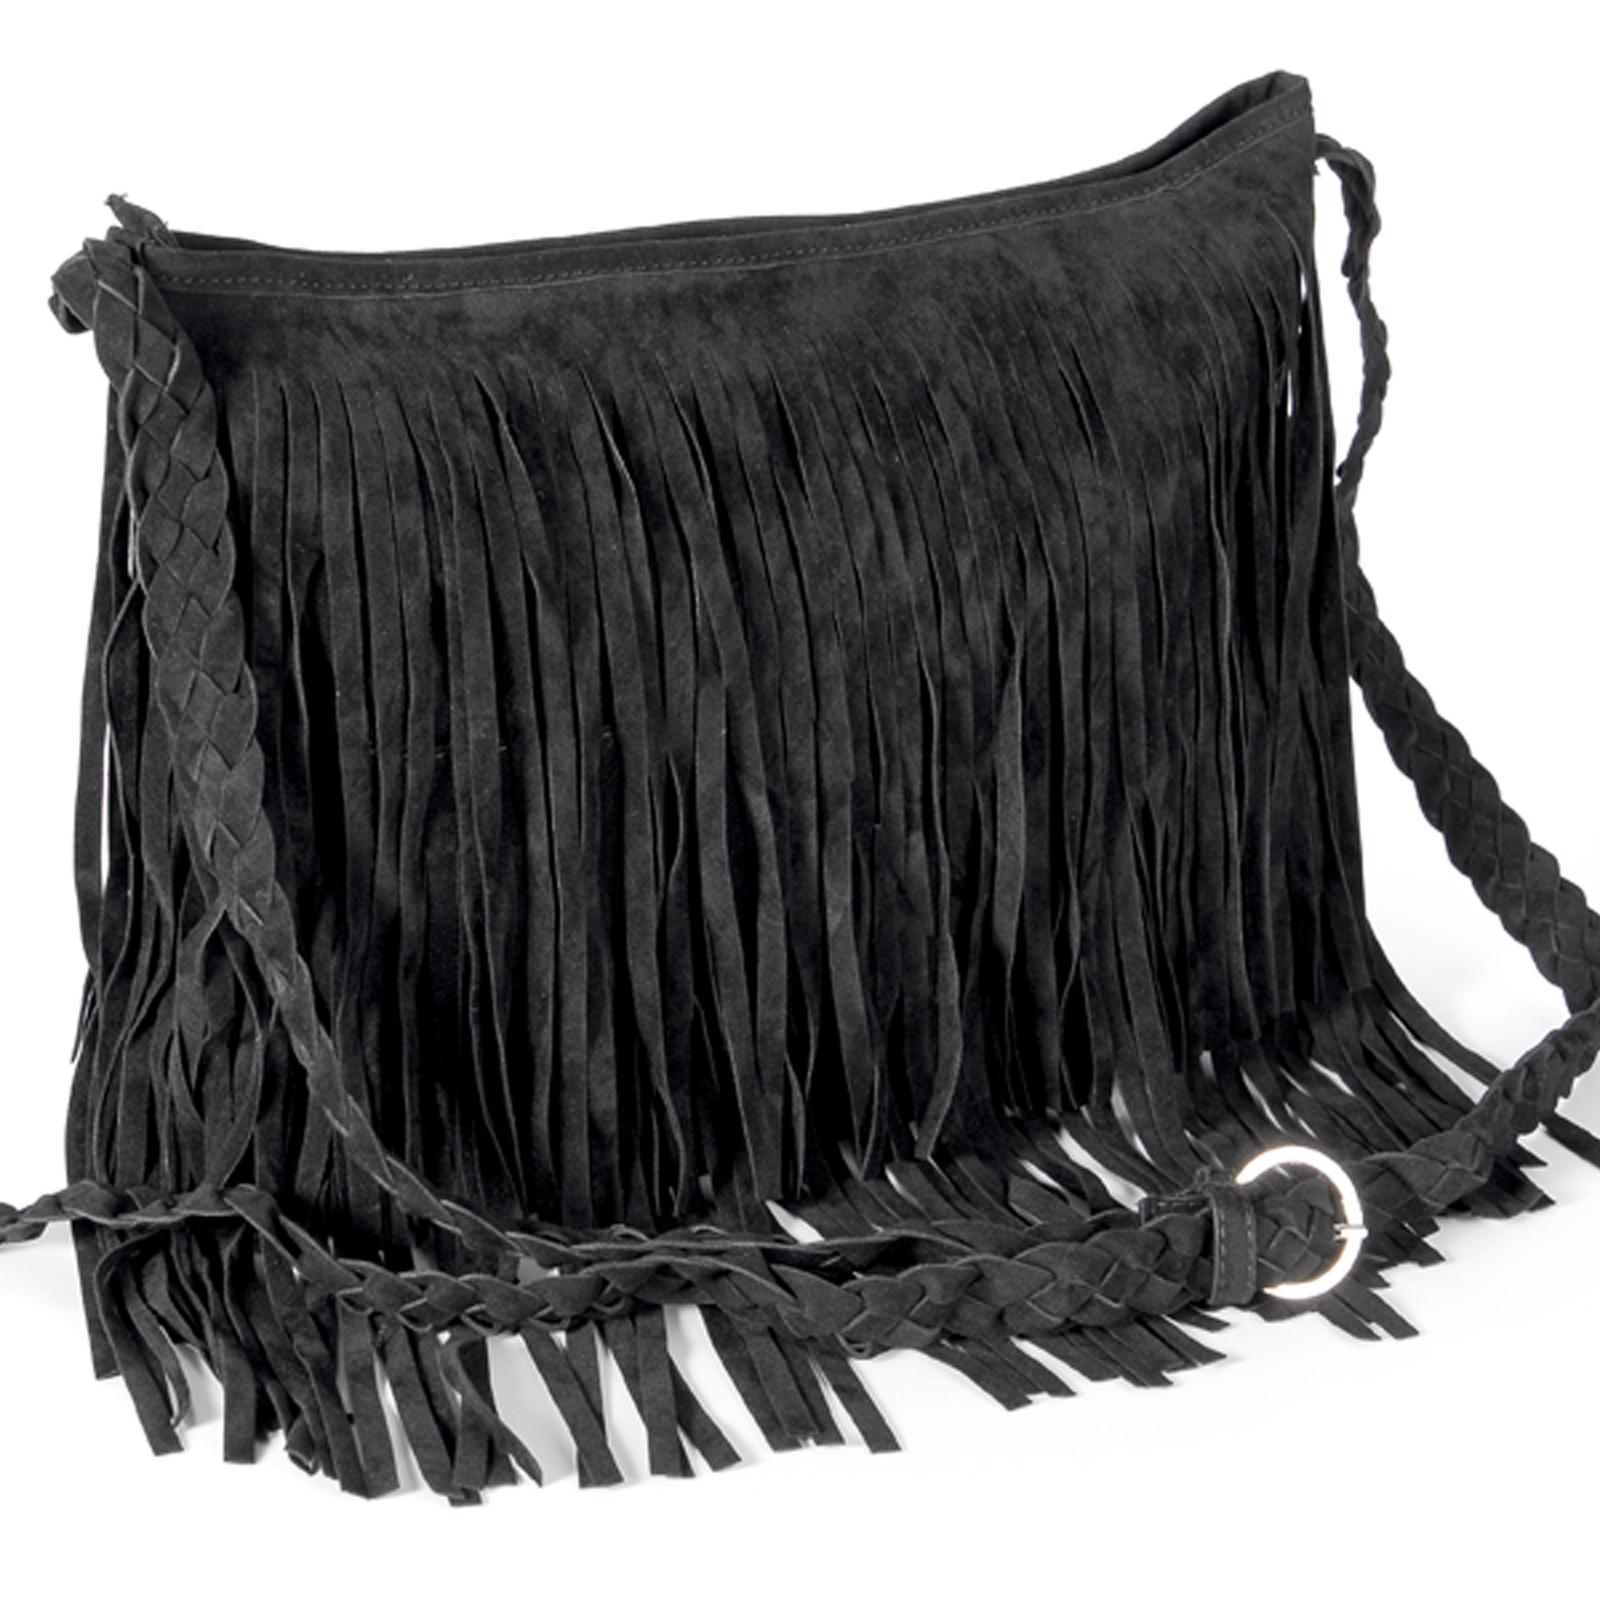 9df78ba0d Bolso de Mujer Bolso Bandolera con Flecos Largos Entrelazado Pana Color  Negro | eBay